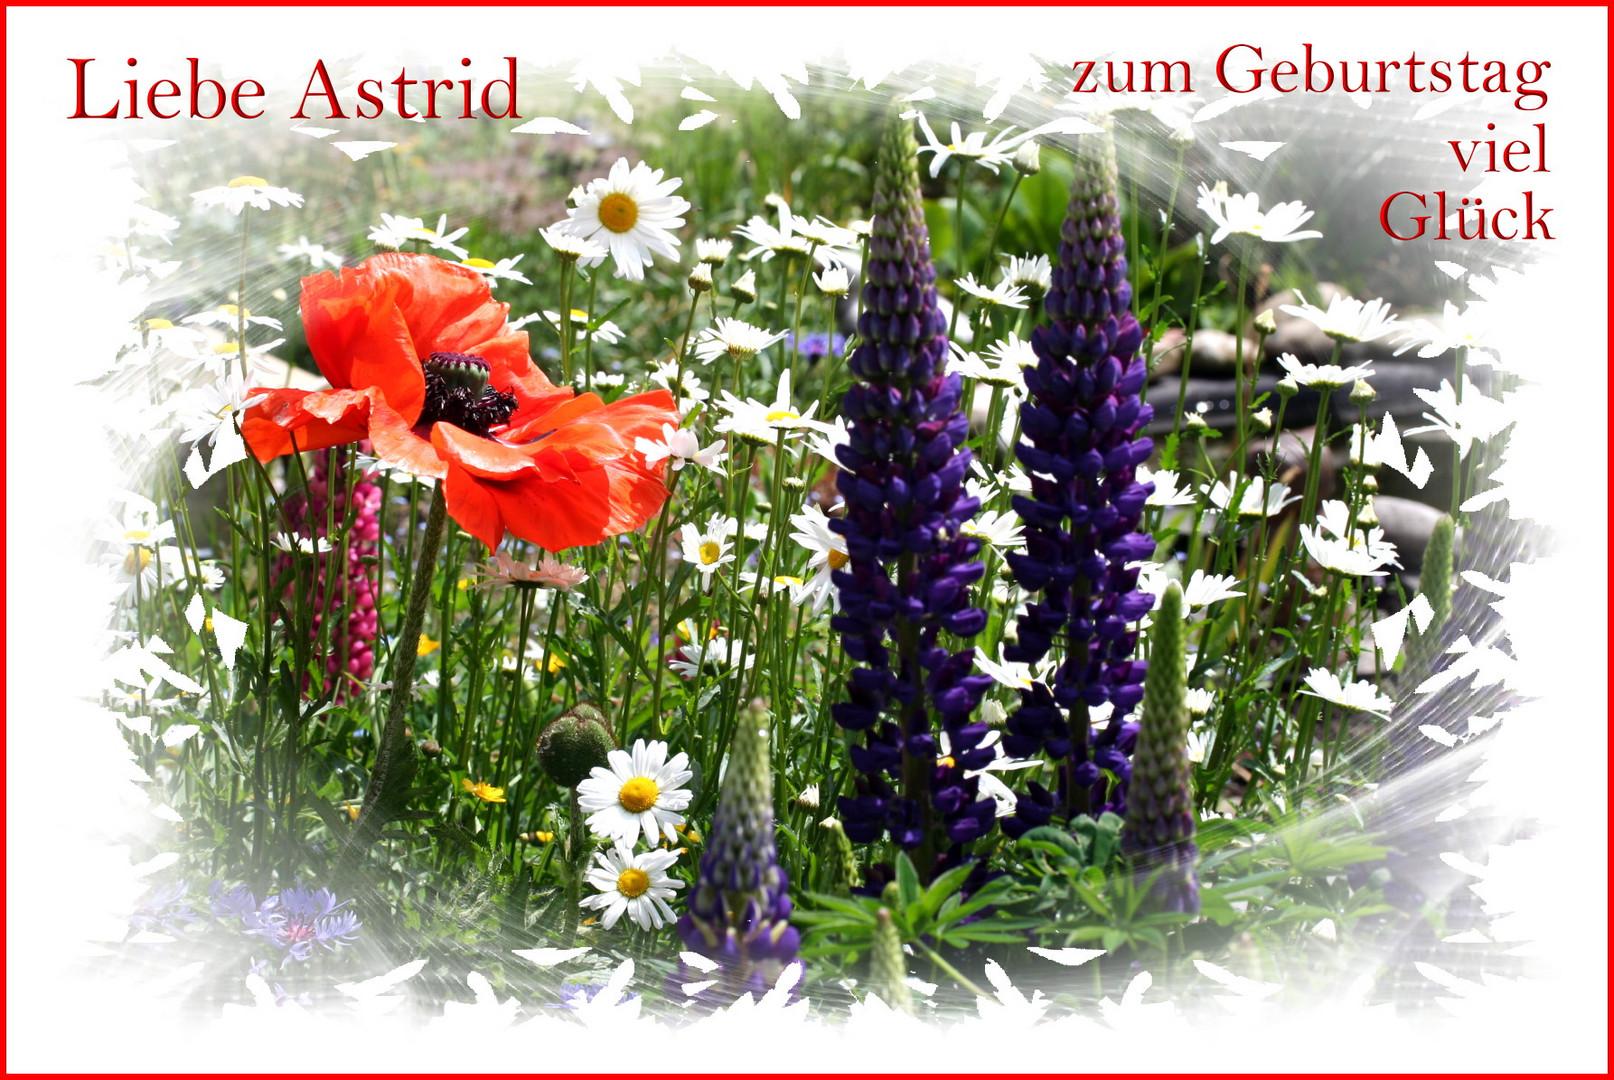 für Astrid